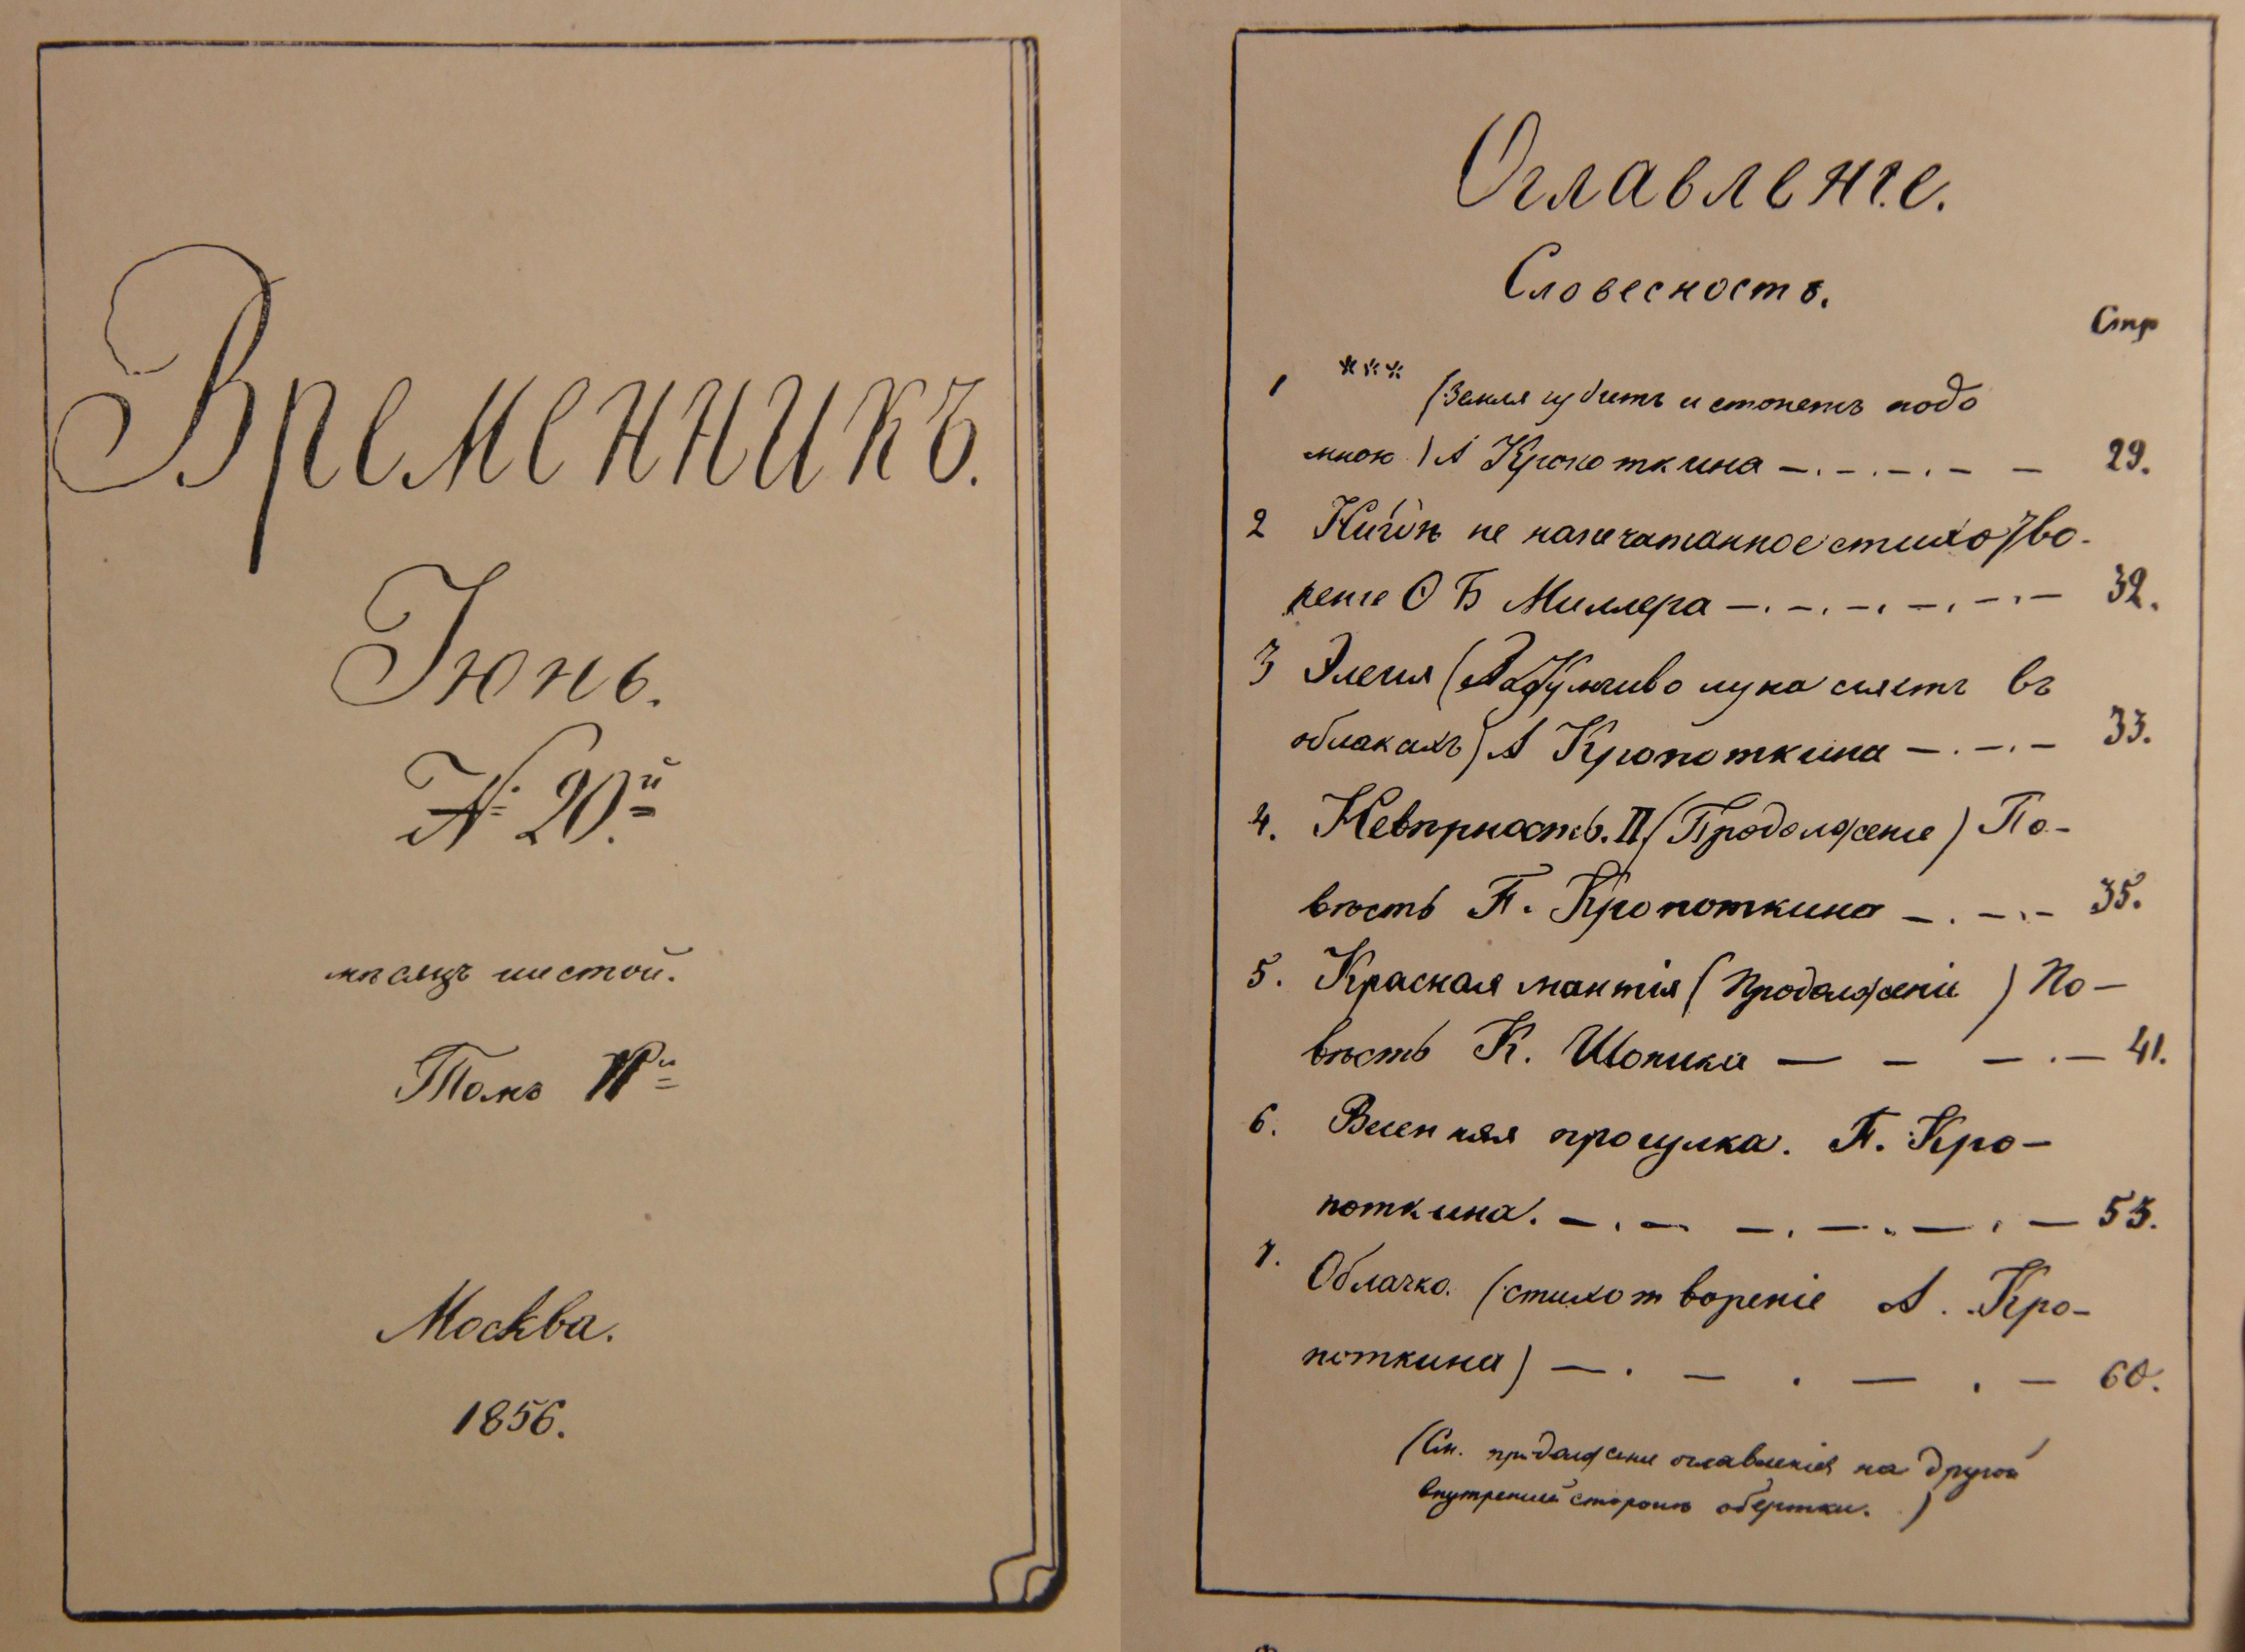 Журнал Временник, издаваемый молодым Петром Кропоткиным. 1856 год